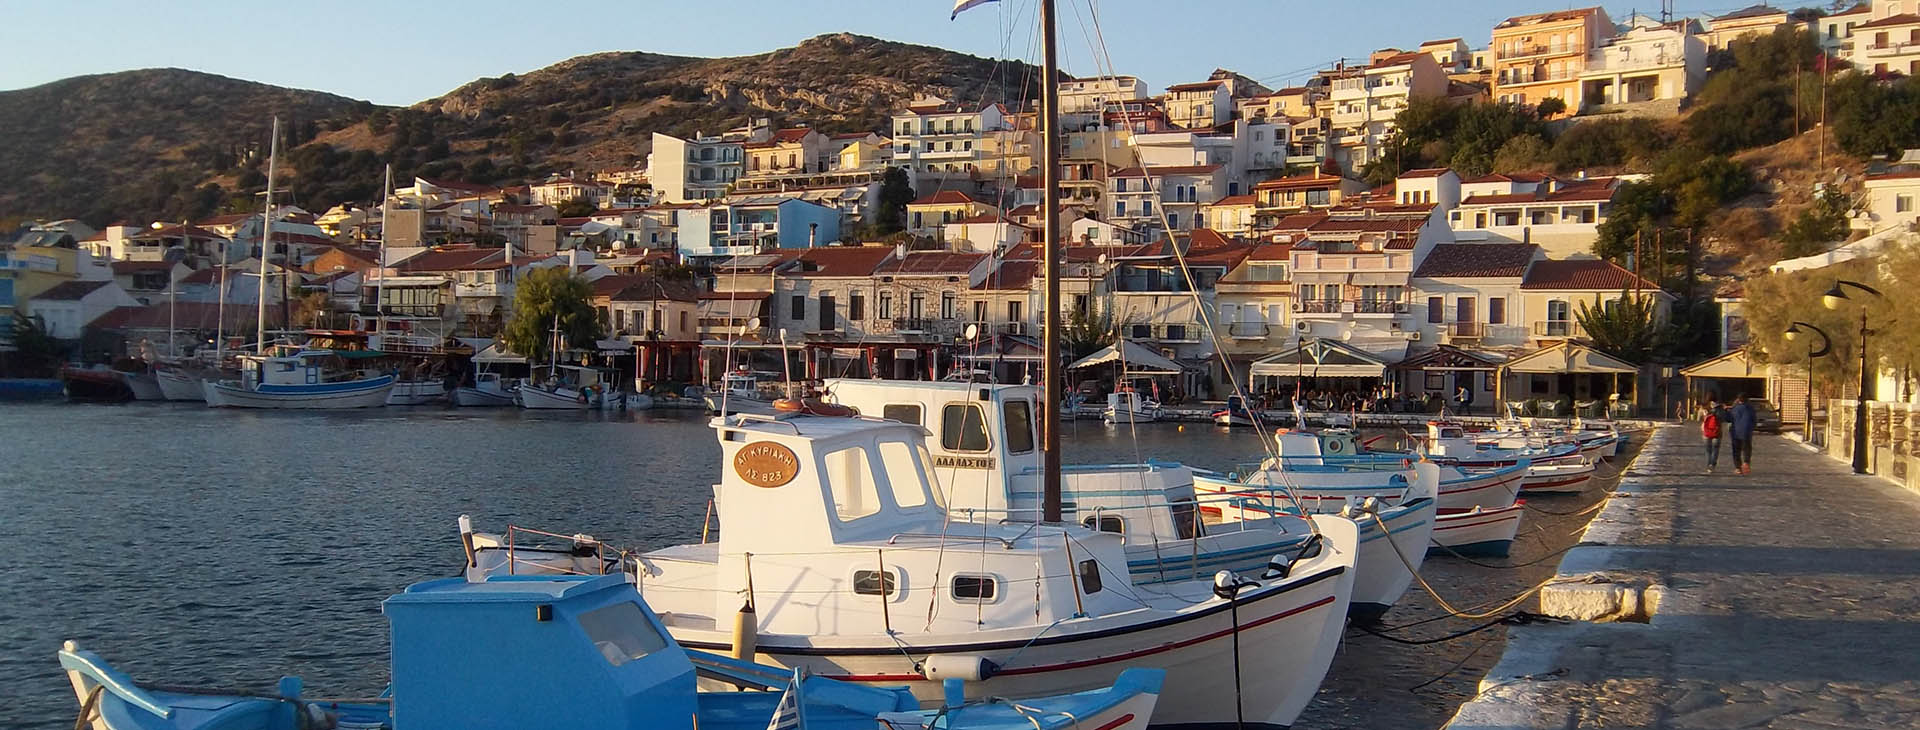 Pithagorio, Samos island